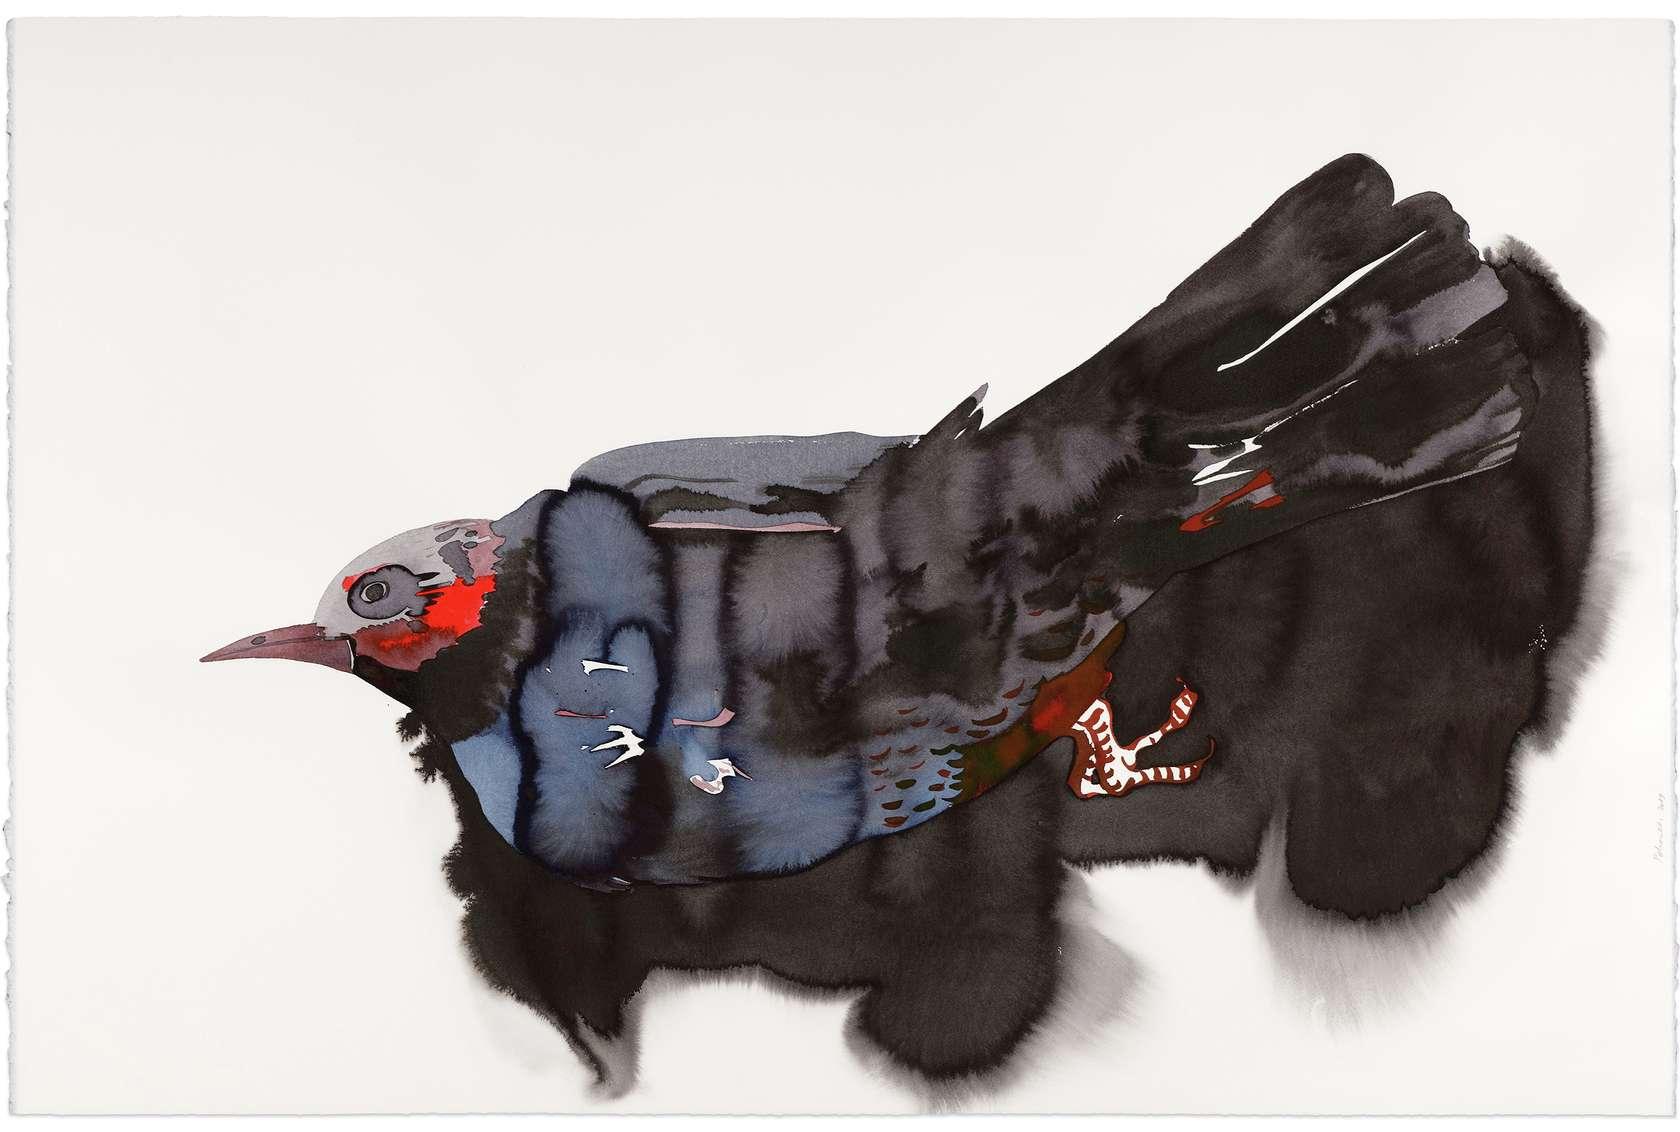 Françoise Pétrovitch, Vanité, 2019 Lavis d'encre sur papier80 × 120 cm / 31 1/2 × 47 2/8 in. | 96 × 137 × 4.5 cm / 37 6/8 × 53 7/8 × 1 6/8 in. (encadré/framed)